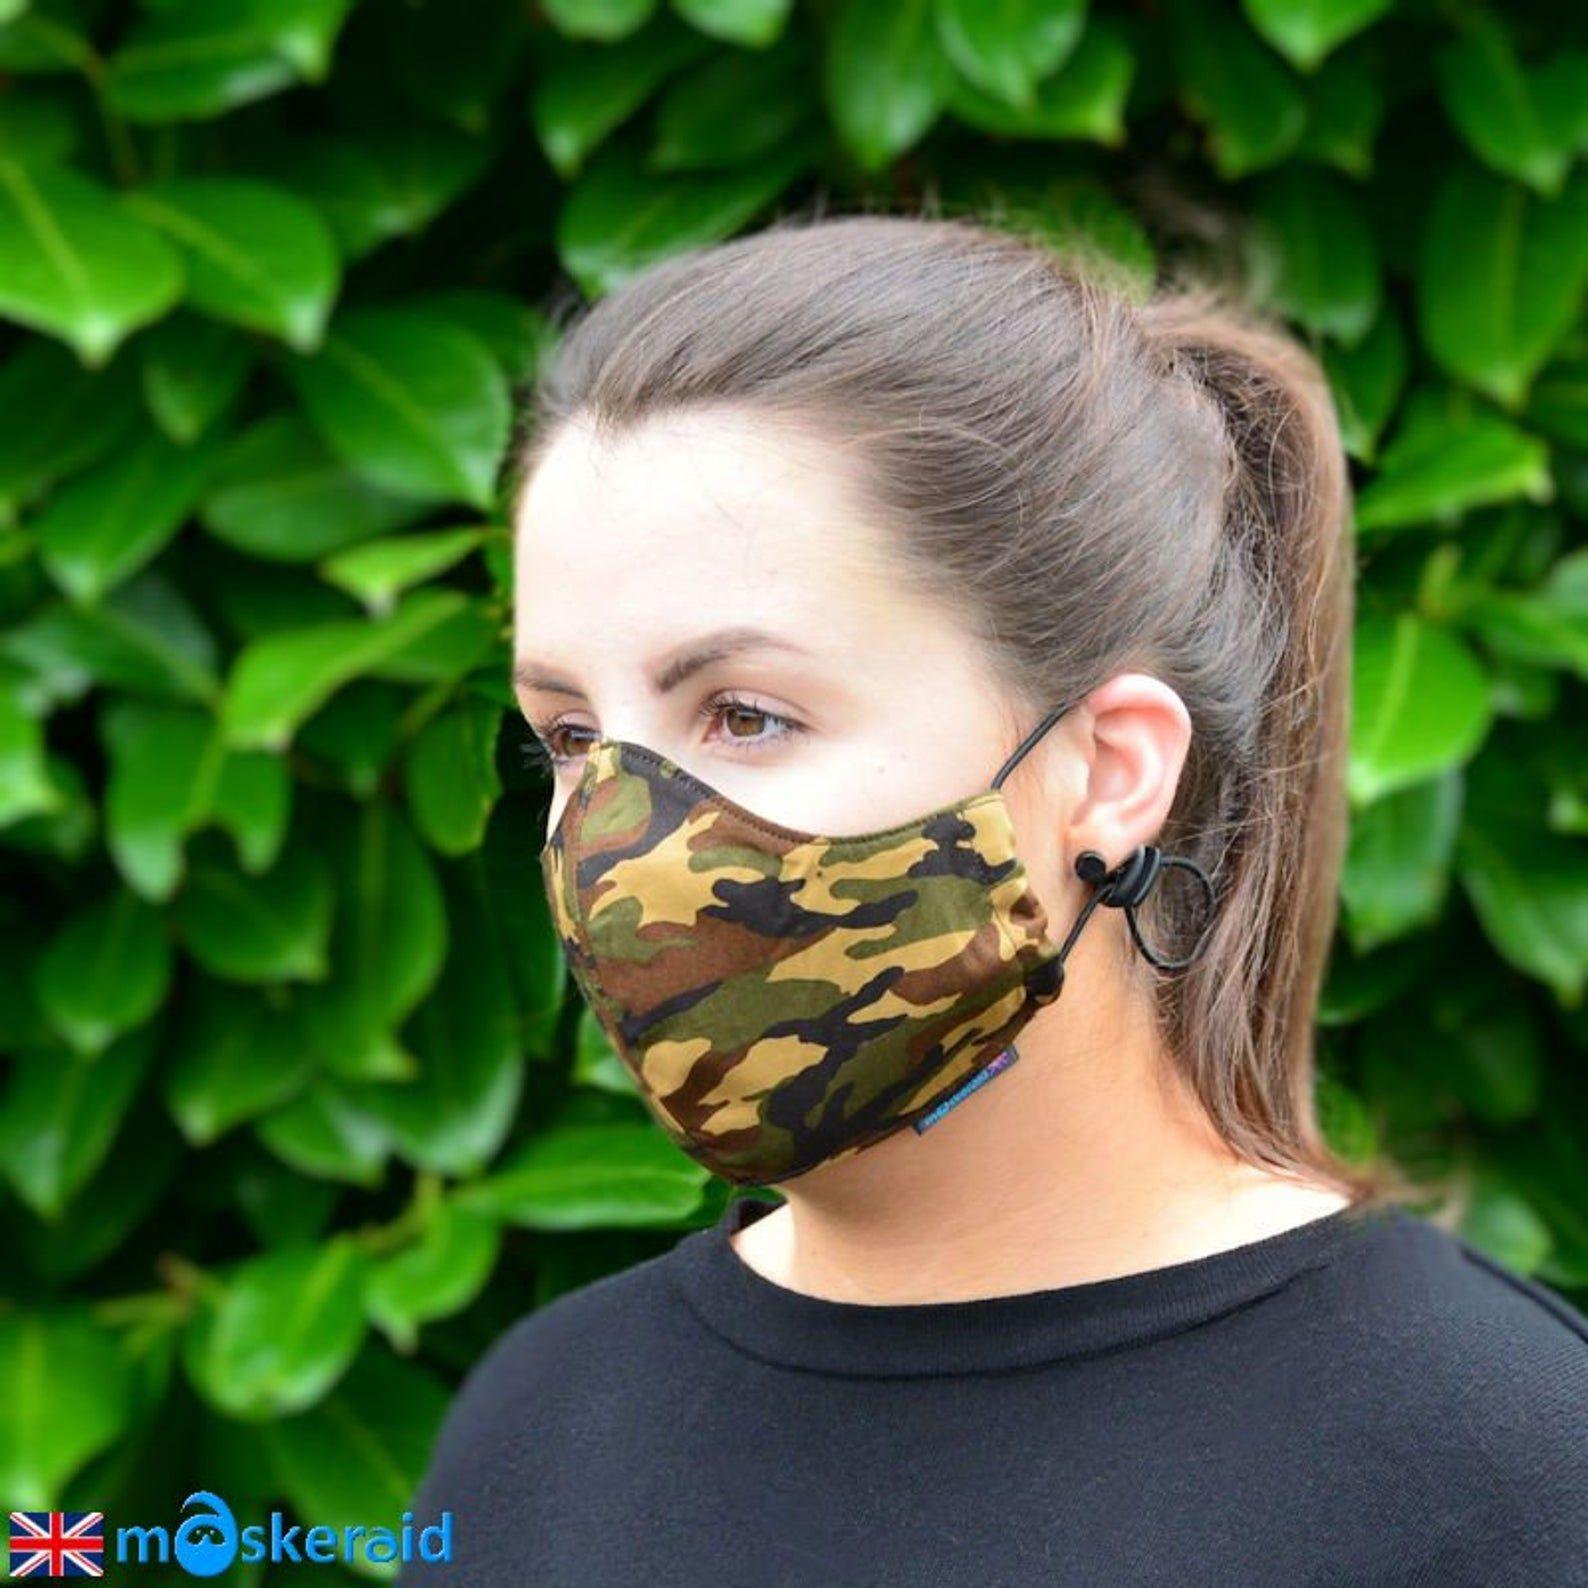 Maskeraid Camouflage Wiederverwendbare Baumwolle Etsy In 2020 Gesichtsmaske Diy Gesichts Masken Masken